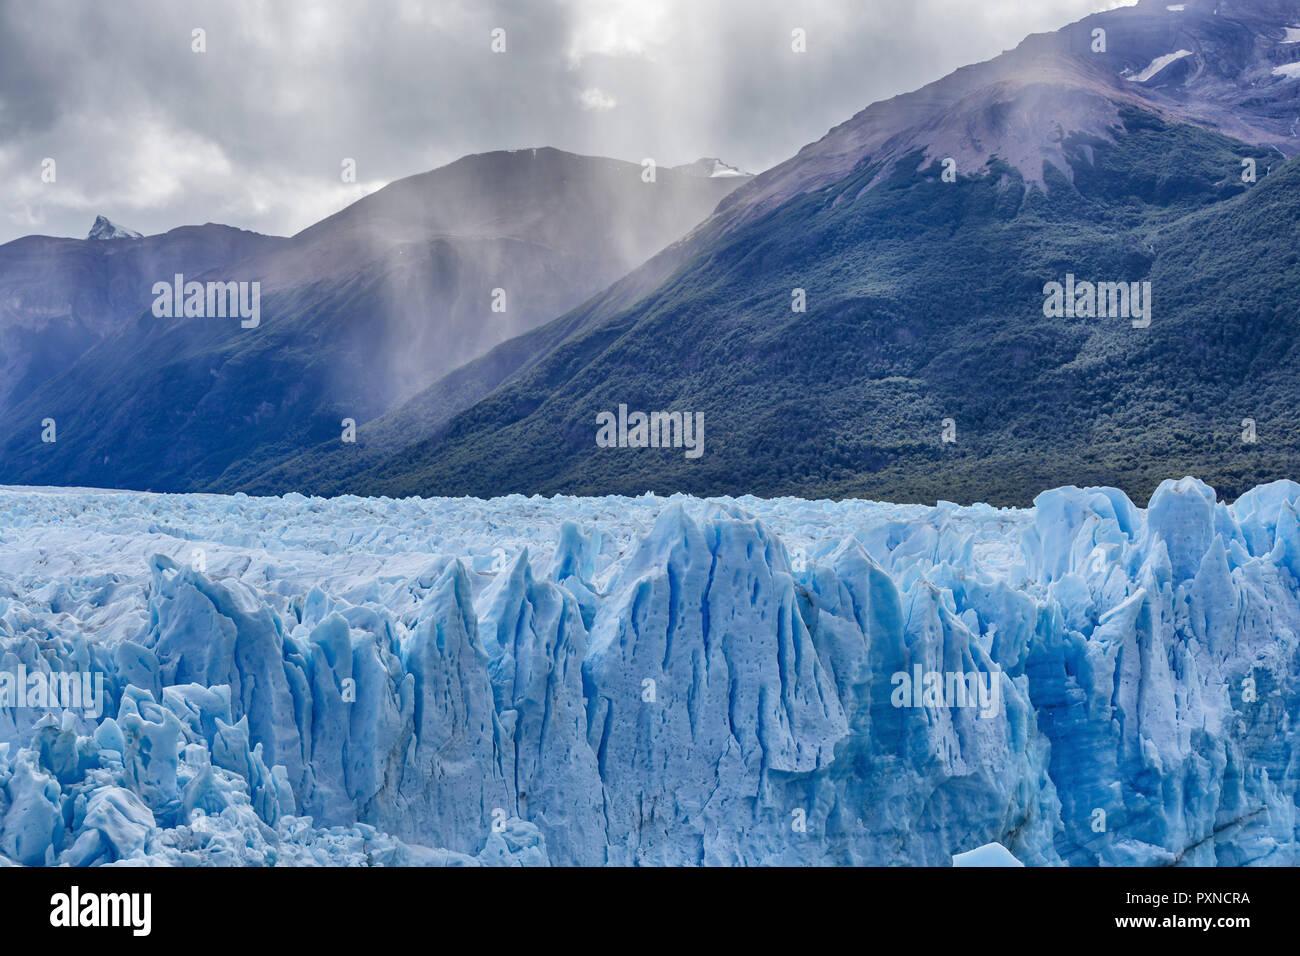 Glaciar Perito Moreno, El Parque Nacional Los Glaciares, Patagonia, Lago Argentino, provincia de Santa Cruz, Argentina Imagen De Stock